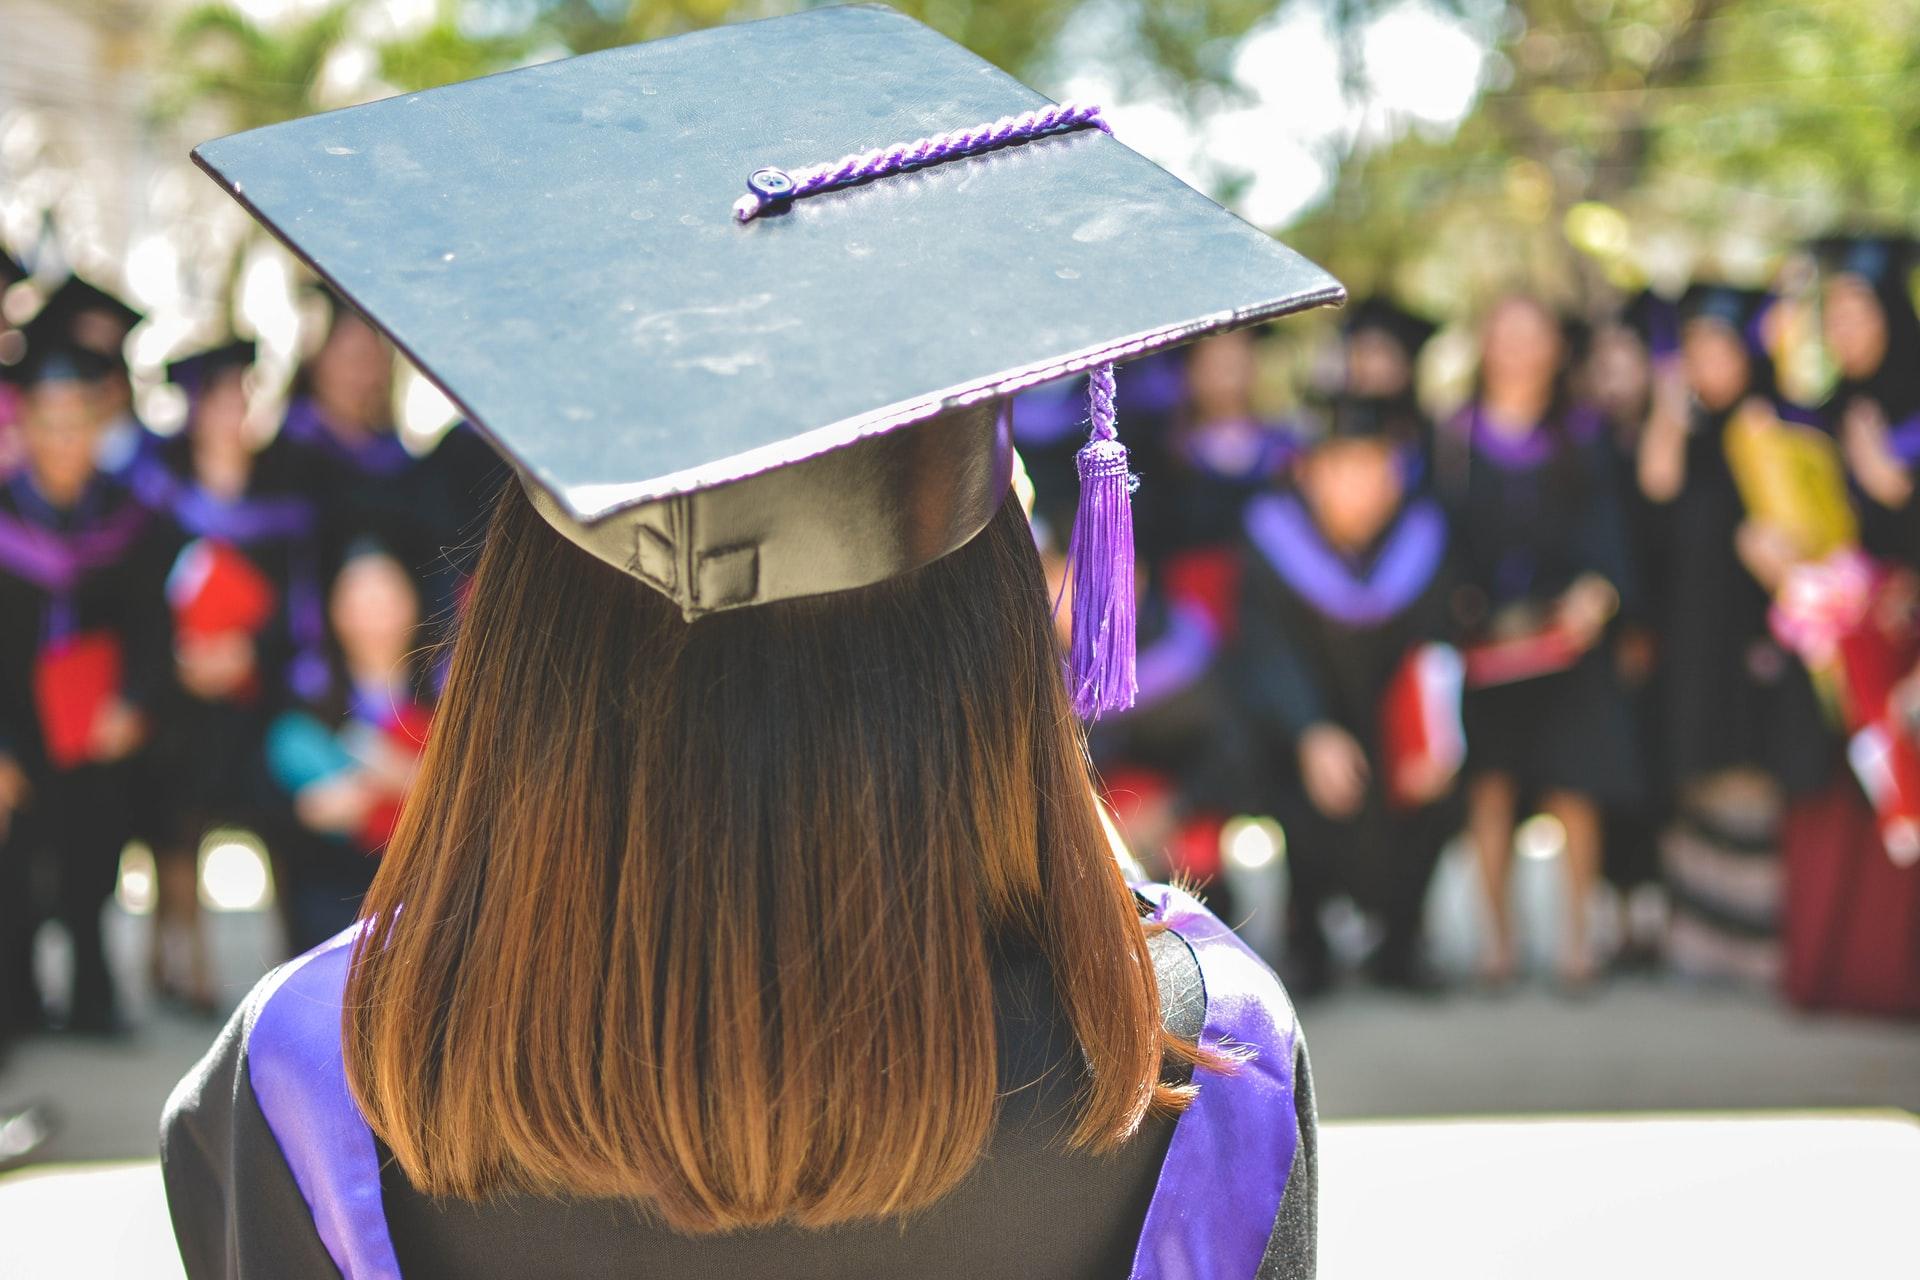 Mezuniyet töreninde bir kız diplomasını alıyor.